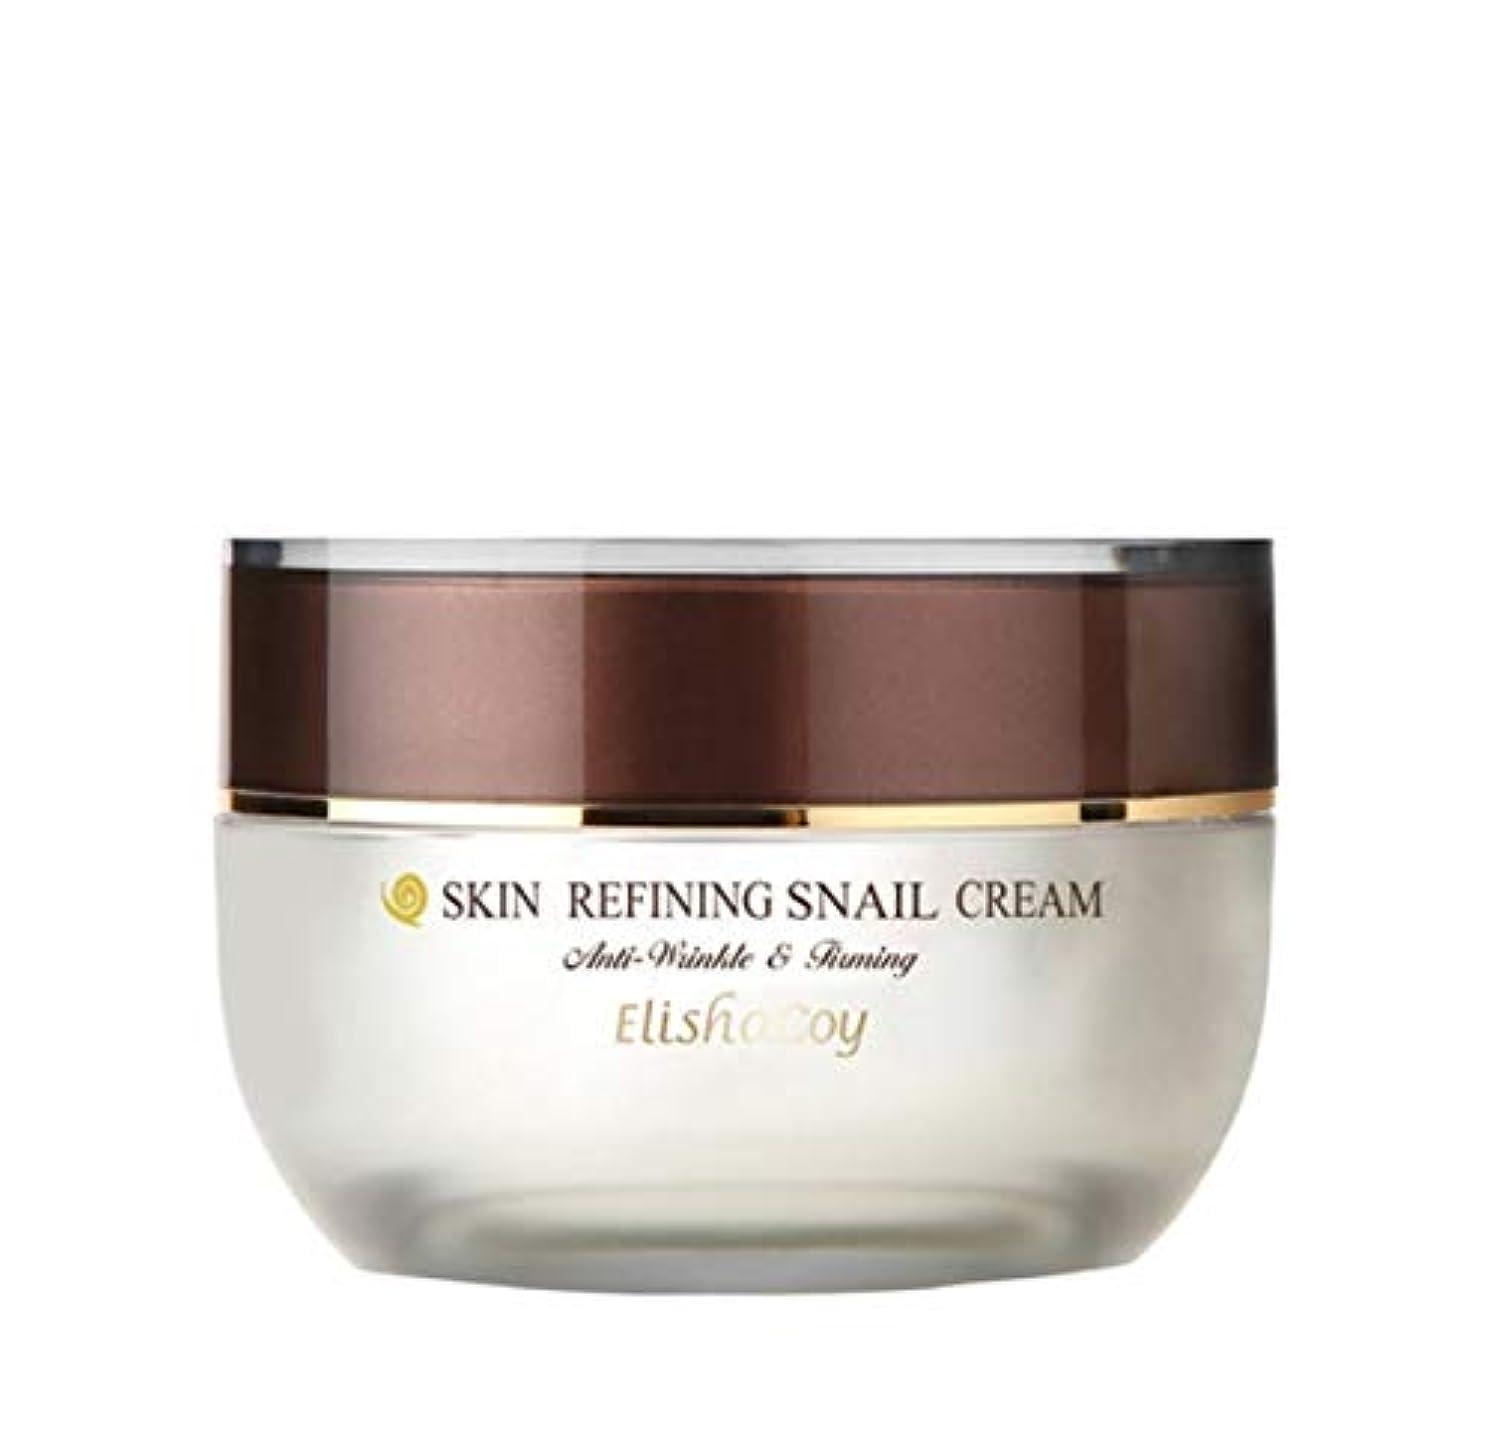 コミットミケランジェロサンドイッチエリシャコイ Elishacoy SKIN REFINING SNAIL 韓国の人気水分クリーム CREAM 50g 保湿最強 Korean Beauty Womens Cosmetics Skin Care